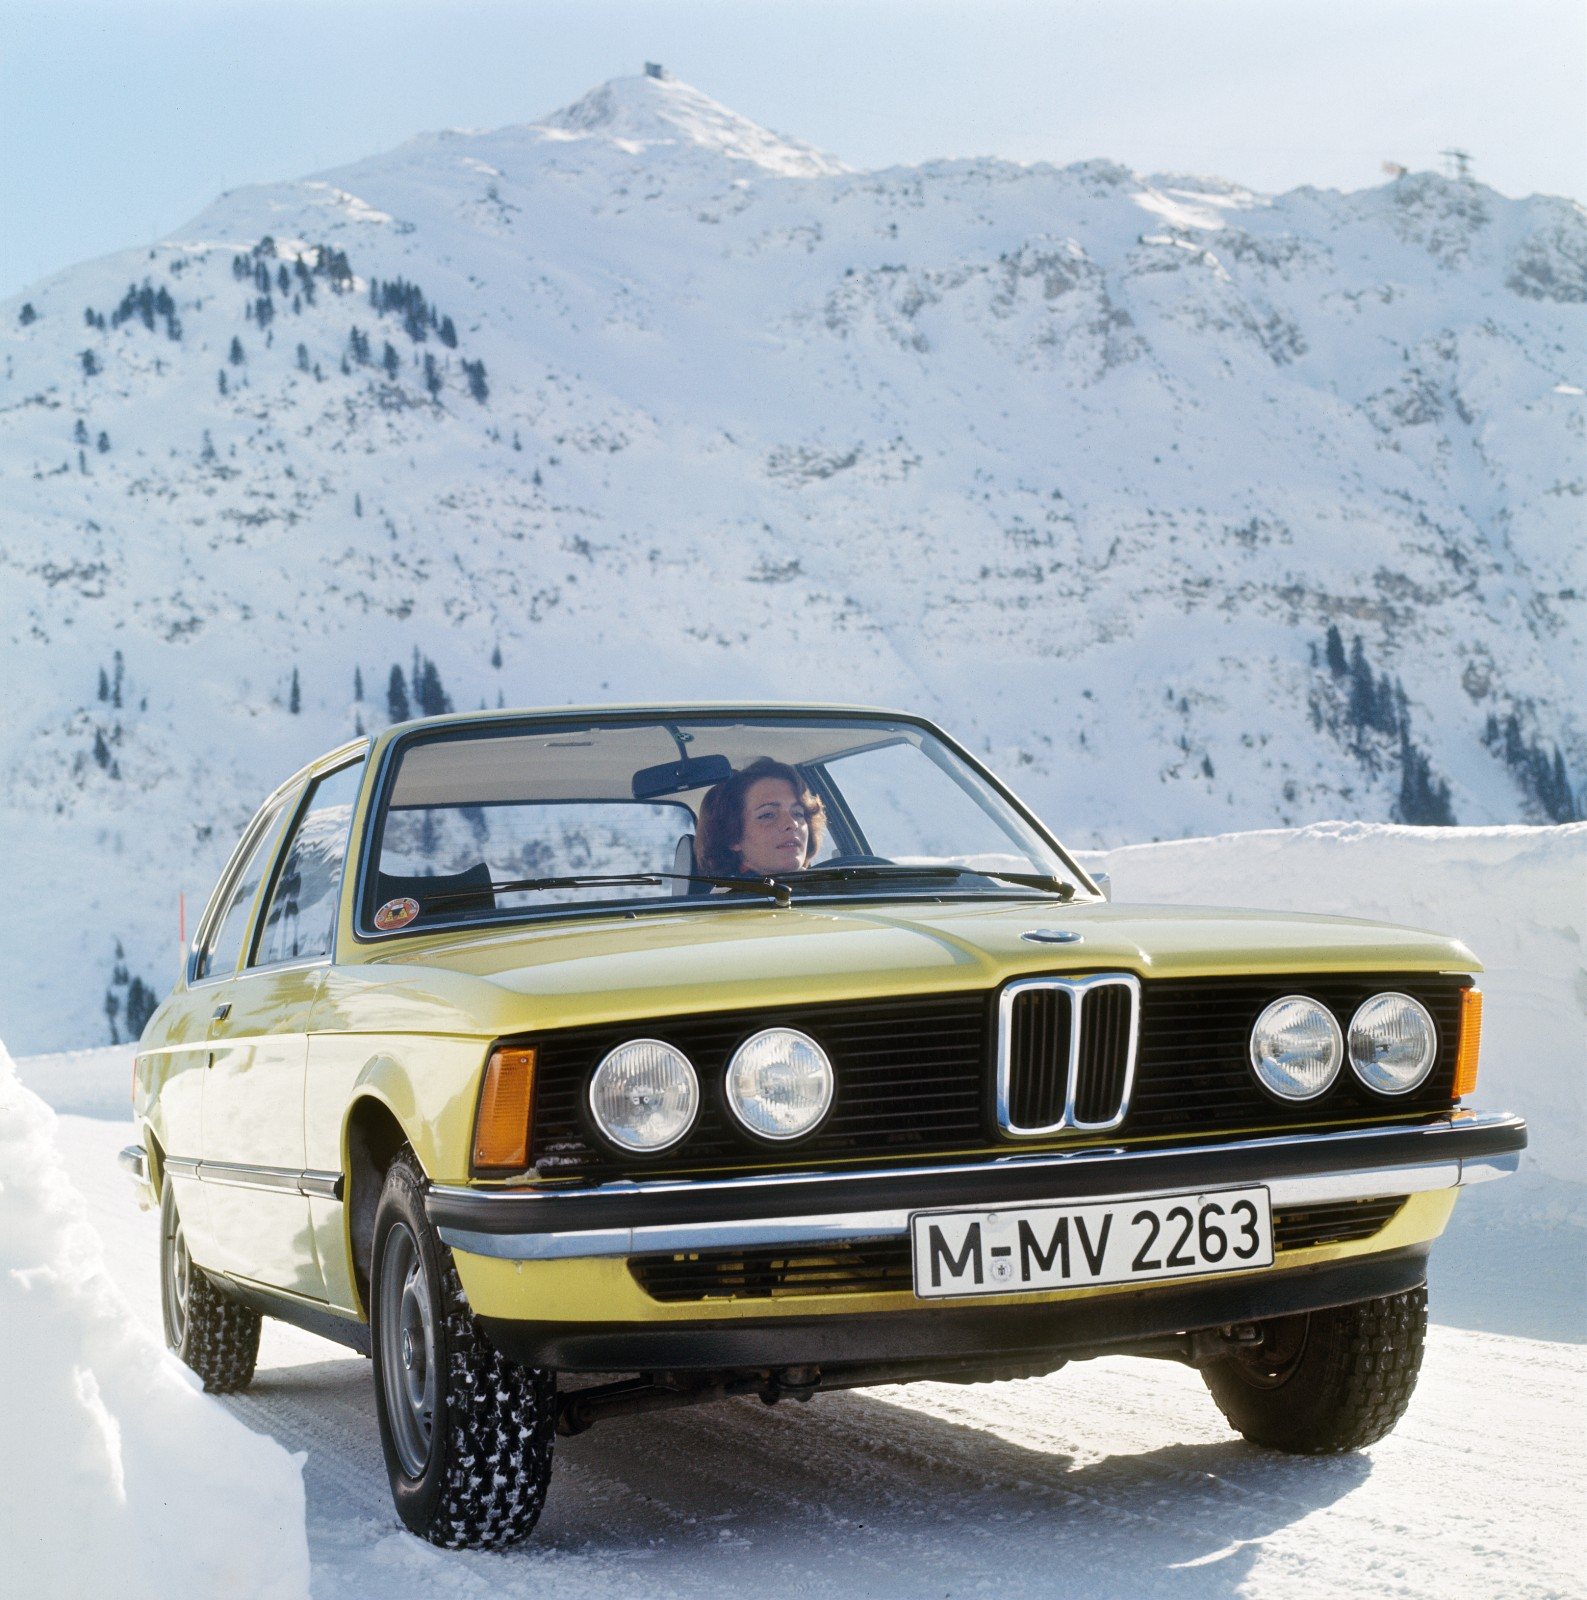 Bmw M3 Engine History: History Of BMW 3 Series, E21, E30, E36, E46, E90, F30